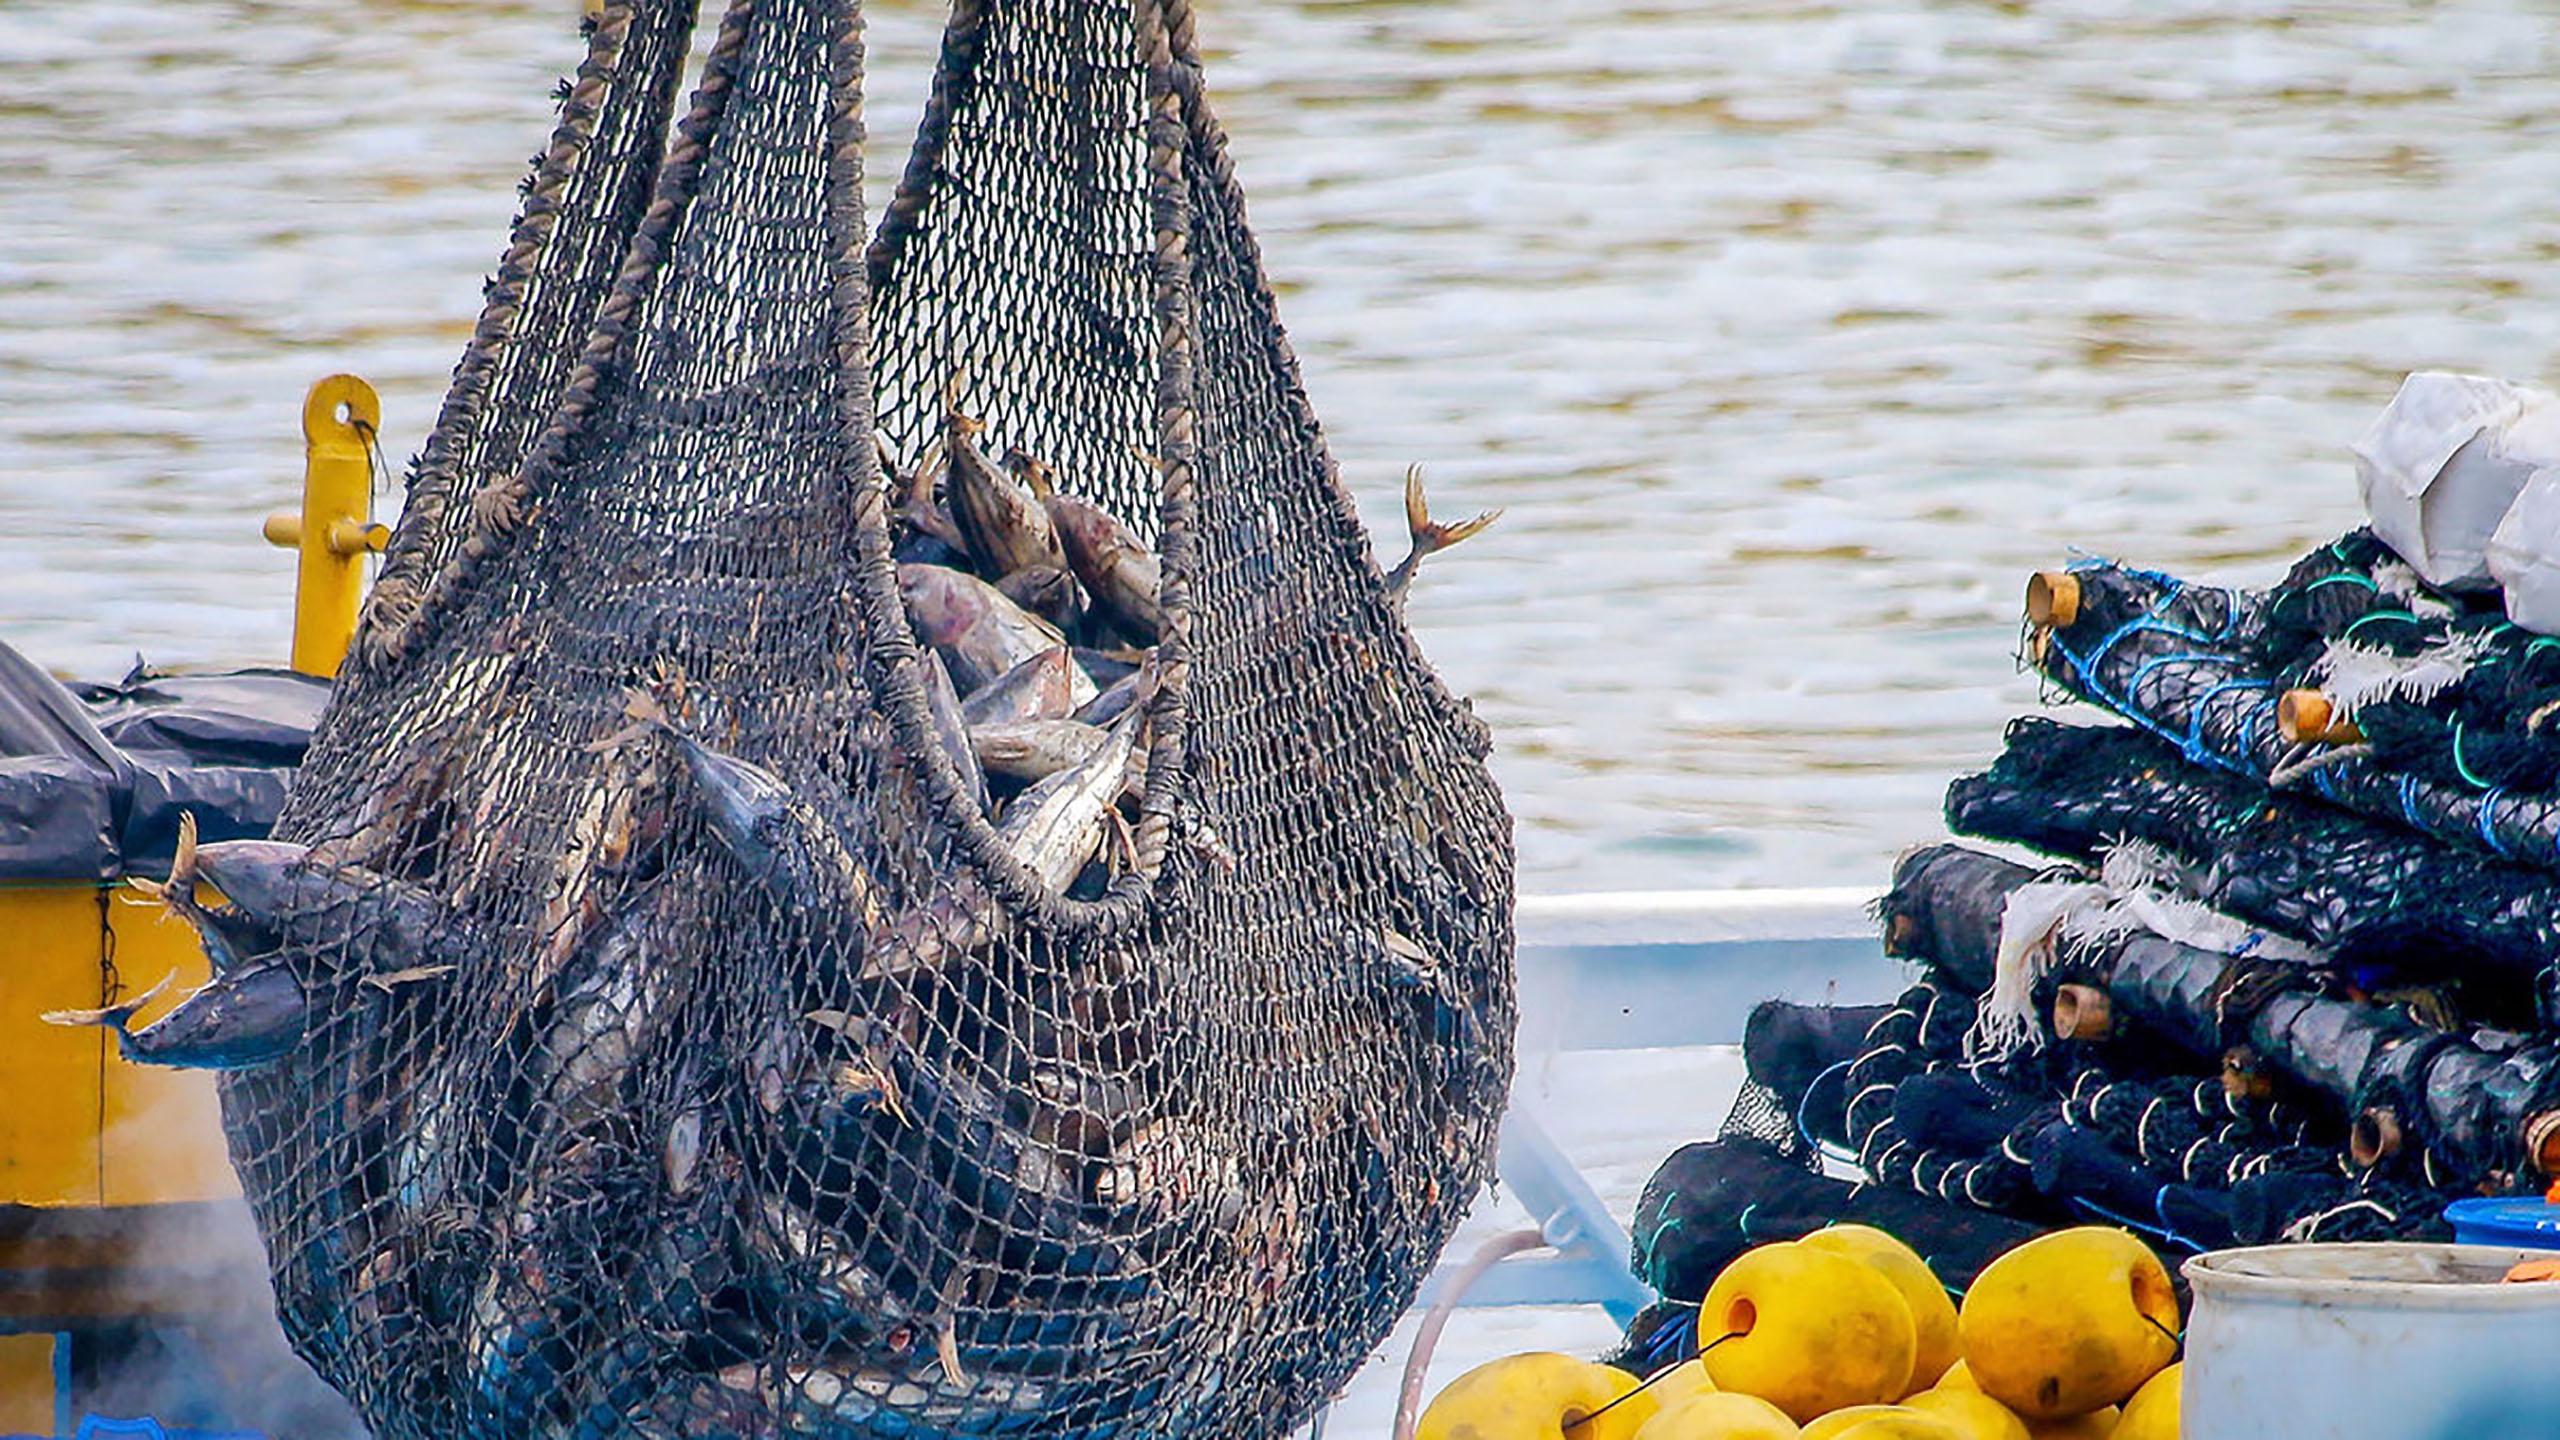 atún, pesca, pesca sustentable